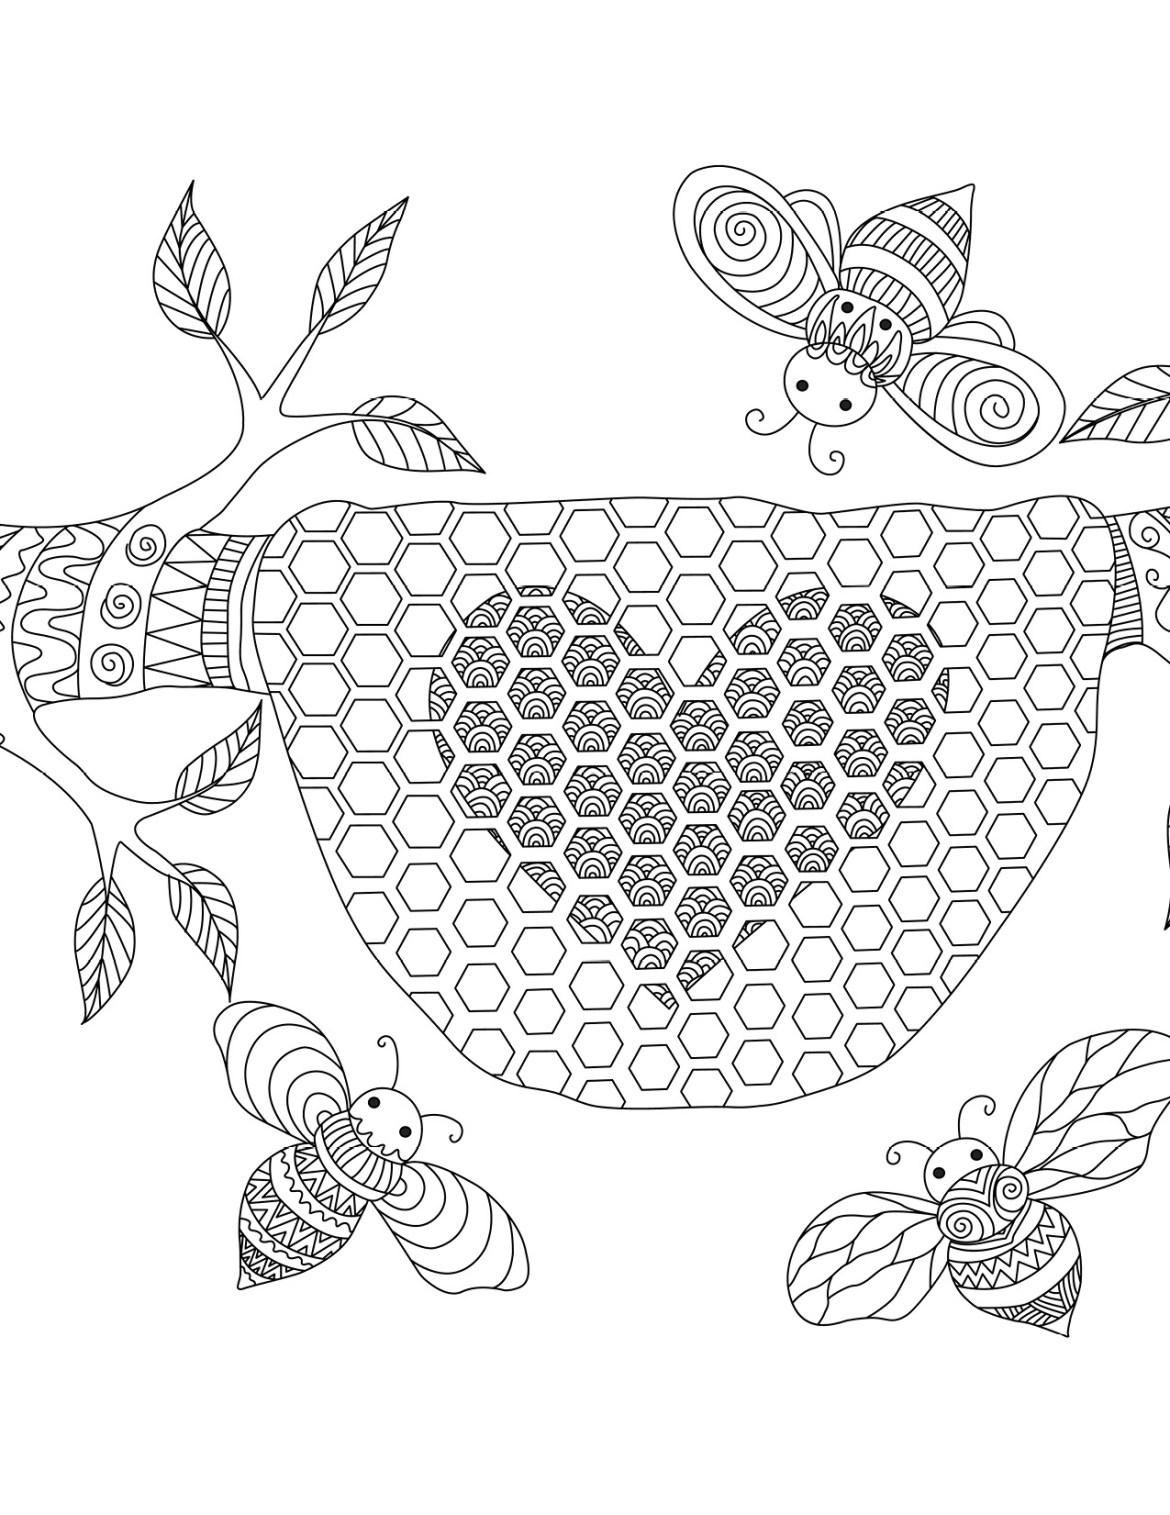 Abeilles coloriage pour adulte à imprimer par Bimbimkha